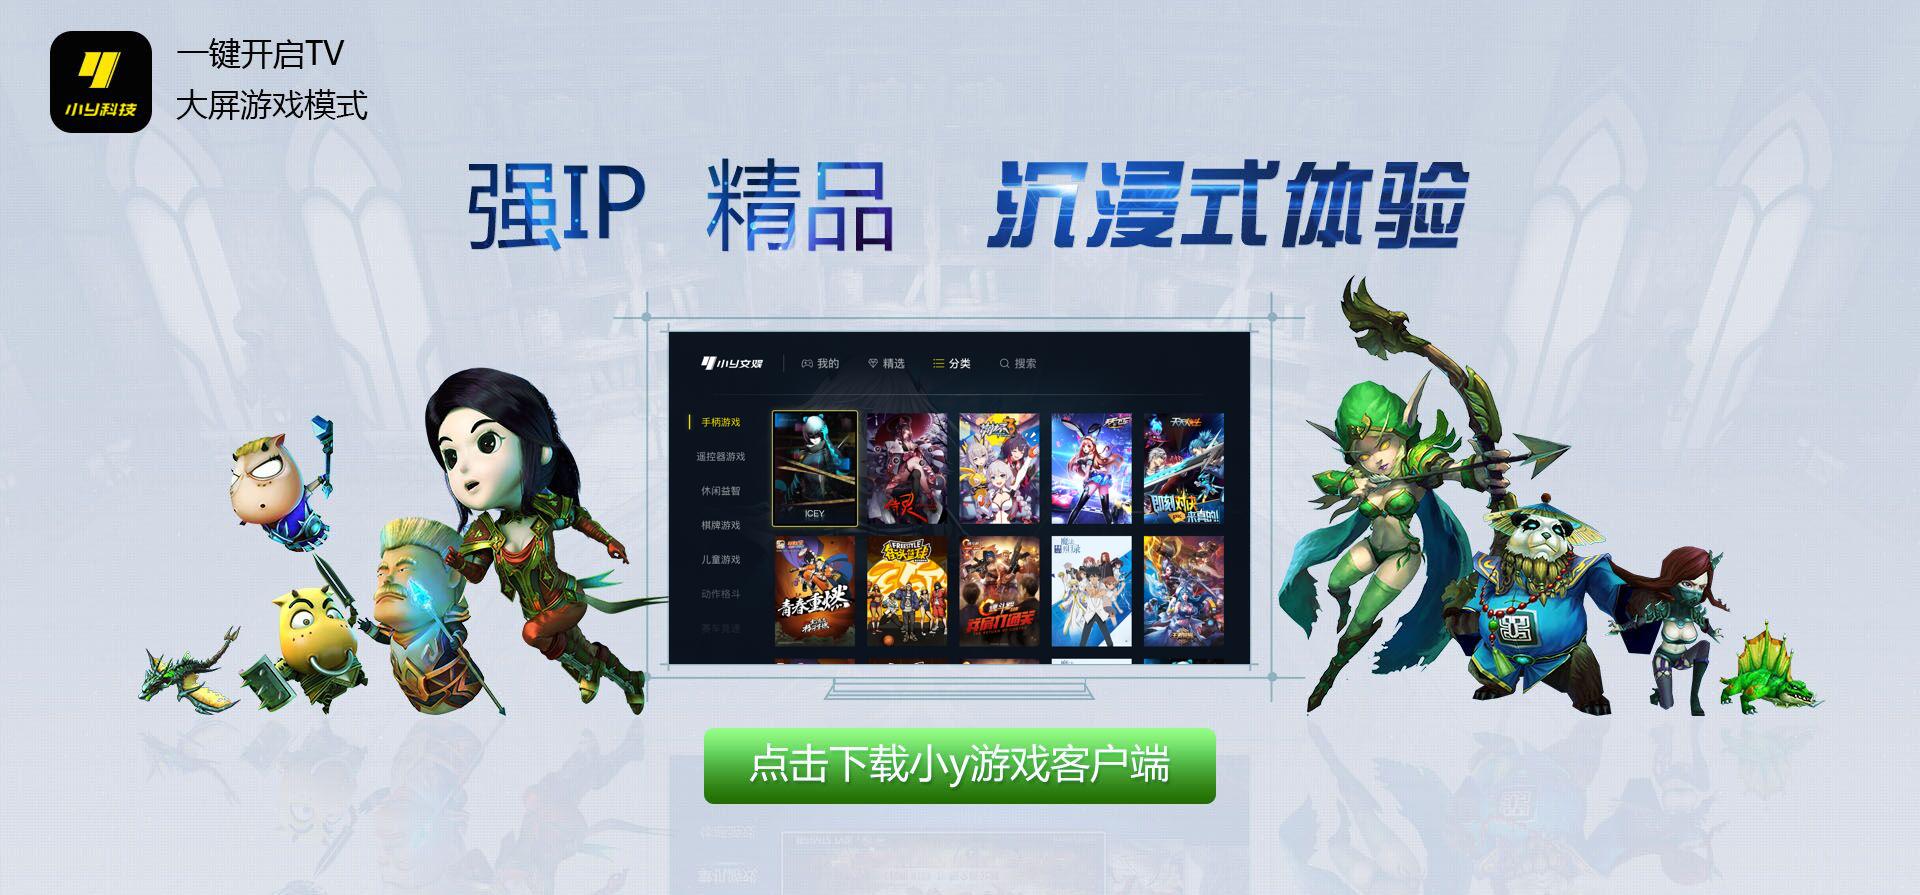 一键开启TV大屏游戏模式_强IP精品_小y游戏